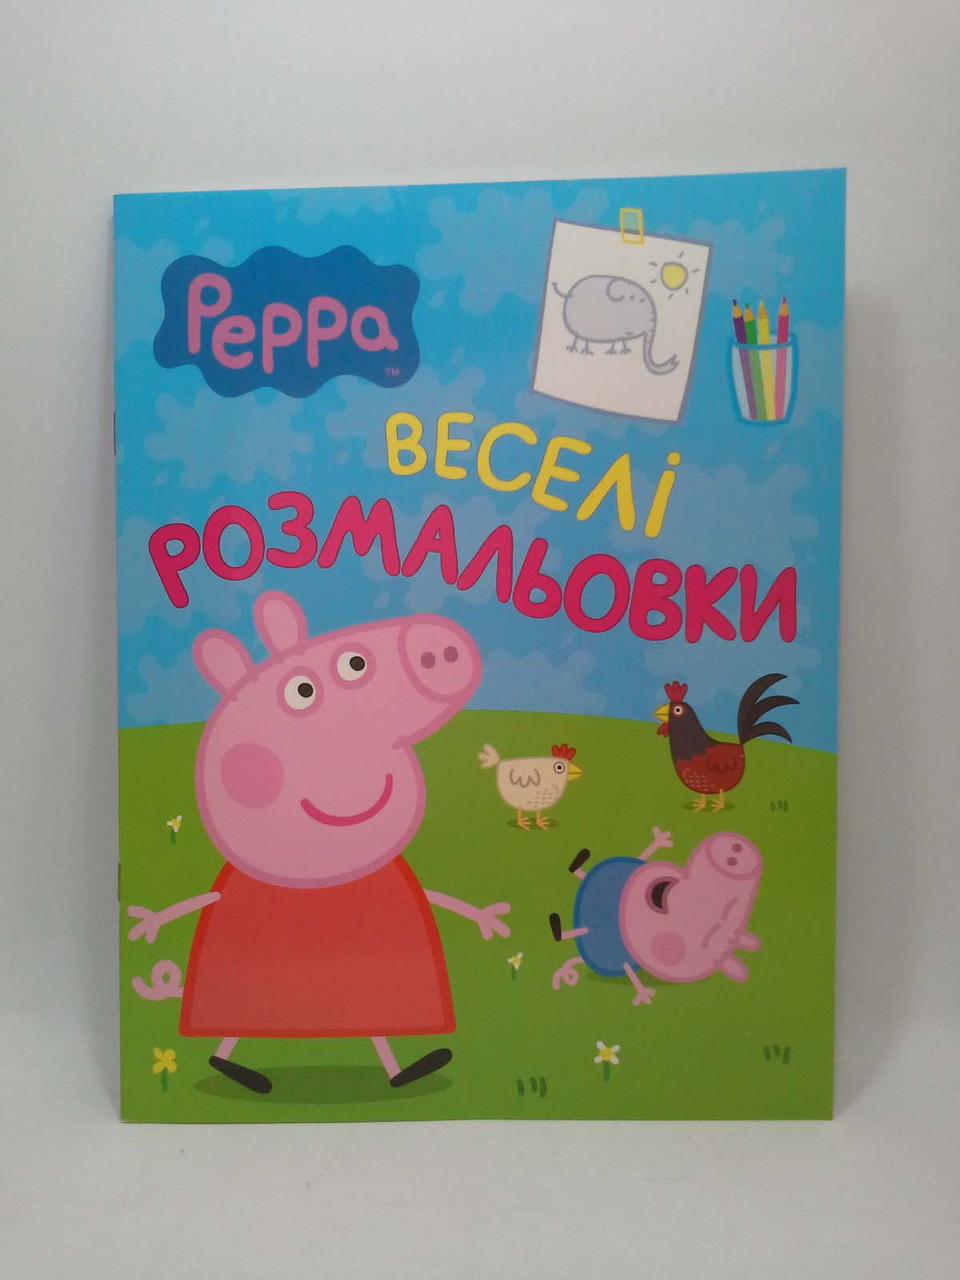 Перо Peppa Свинка Пеппа Веселі розмальовки салатова